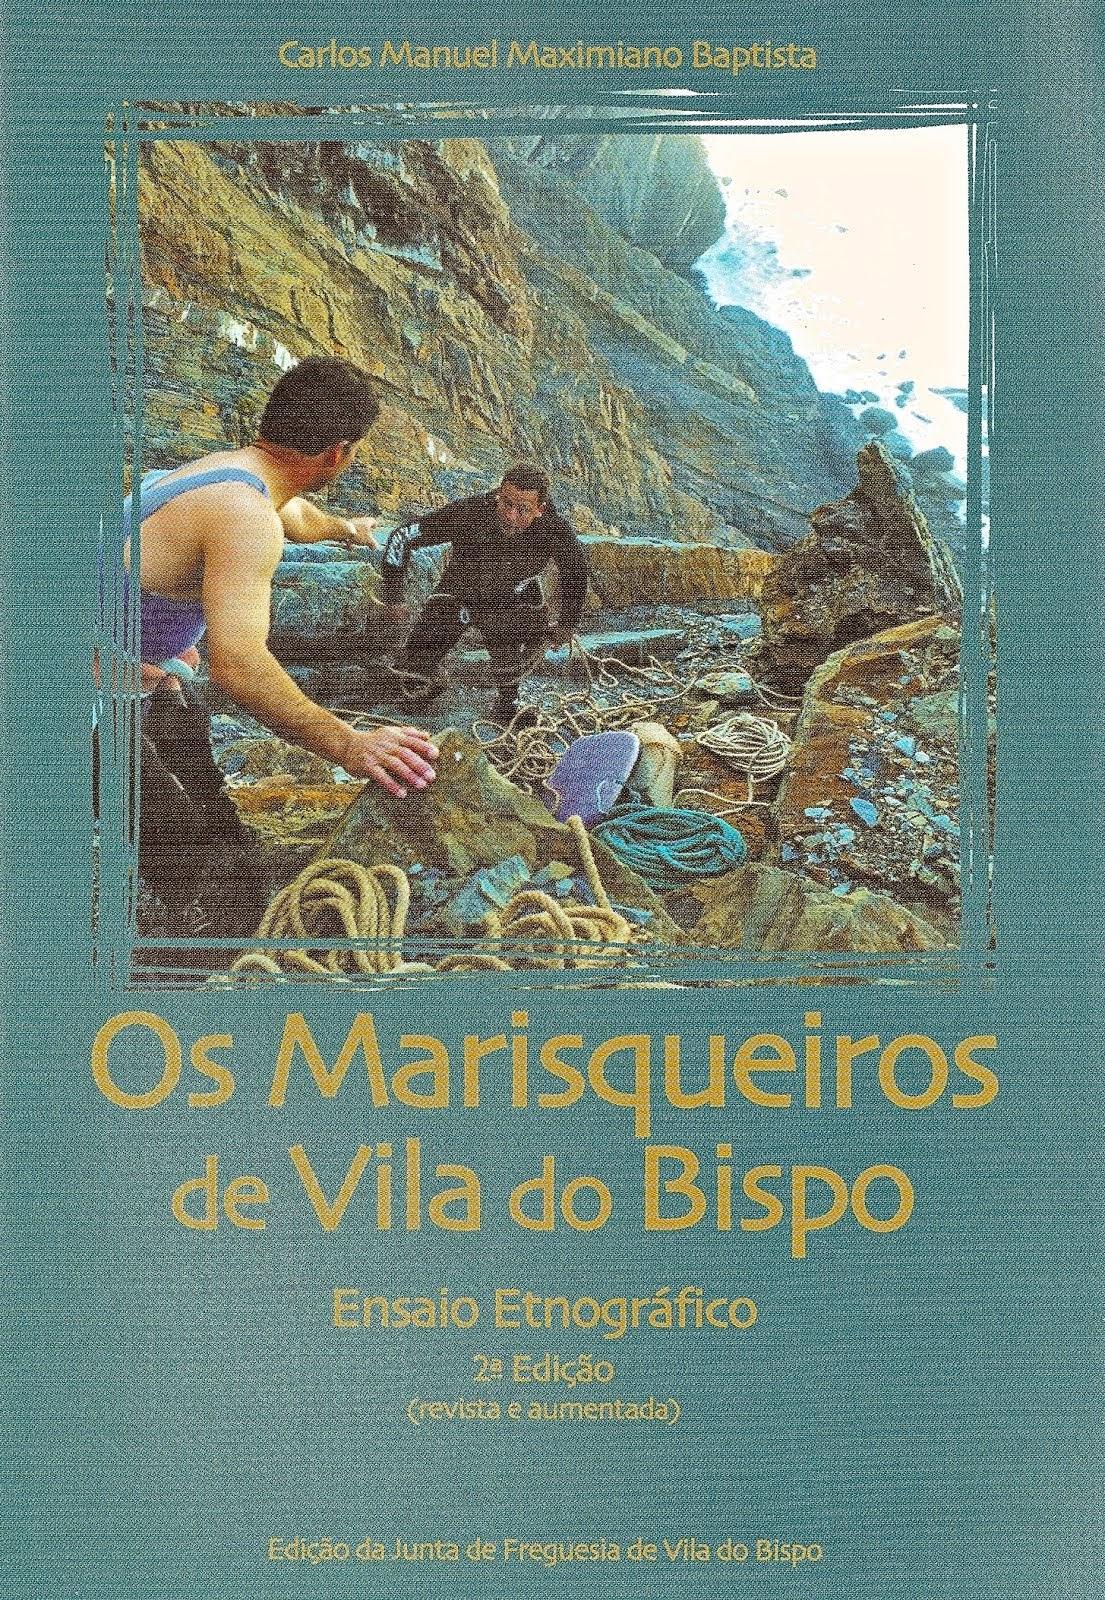 Os Marisqueiros de Vila do Bispo - Ensaio Etnográfico